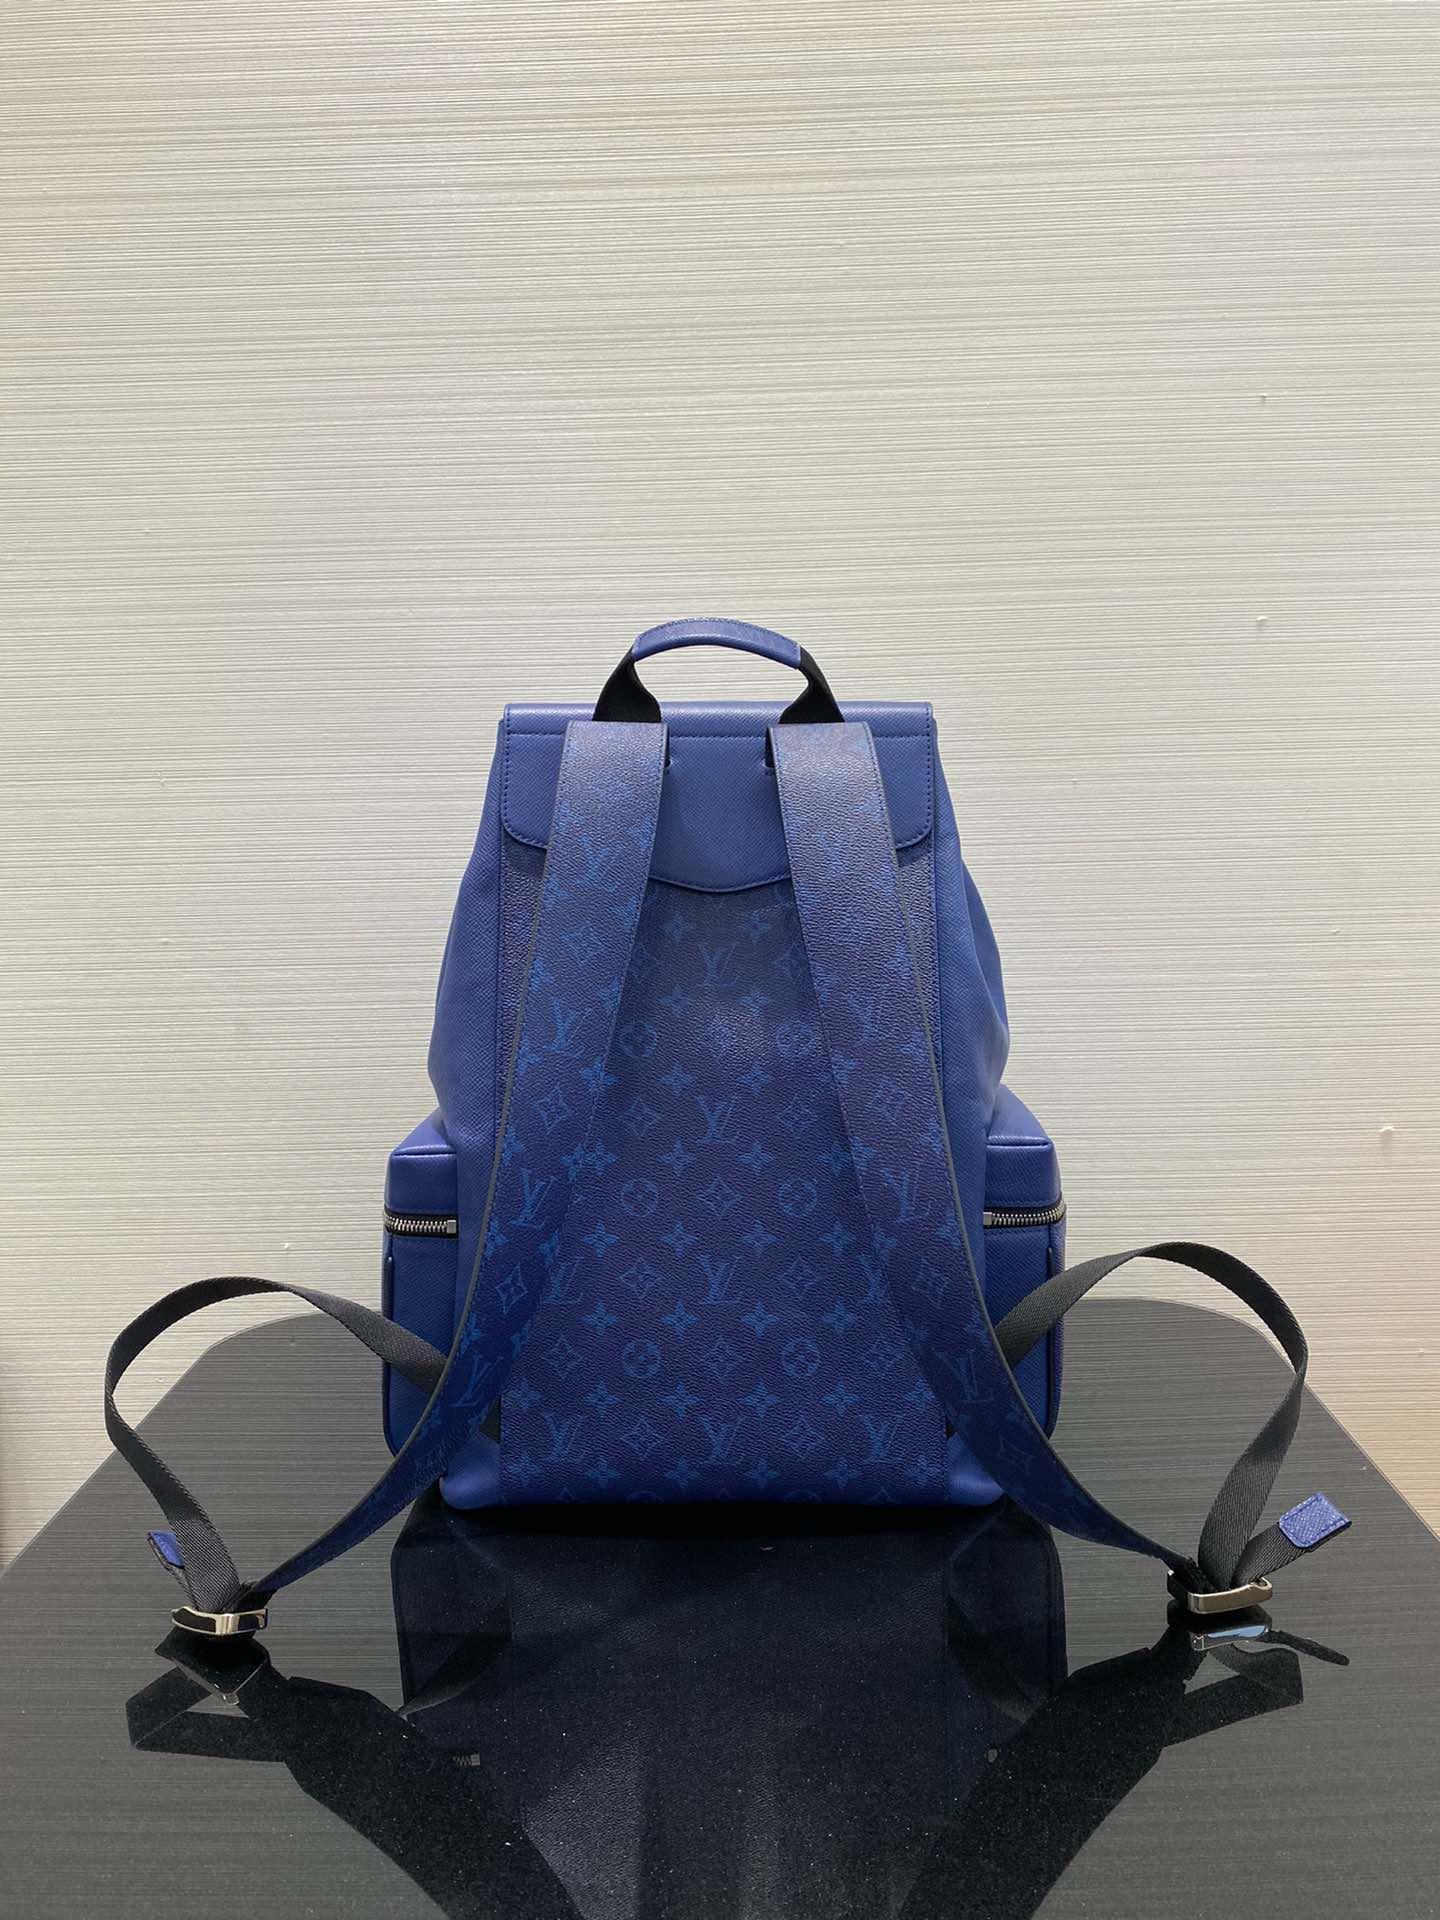 【¥1400】LV最新双肩包30419 旅游必备 低调好看 颜值巨高 实用又有型